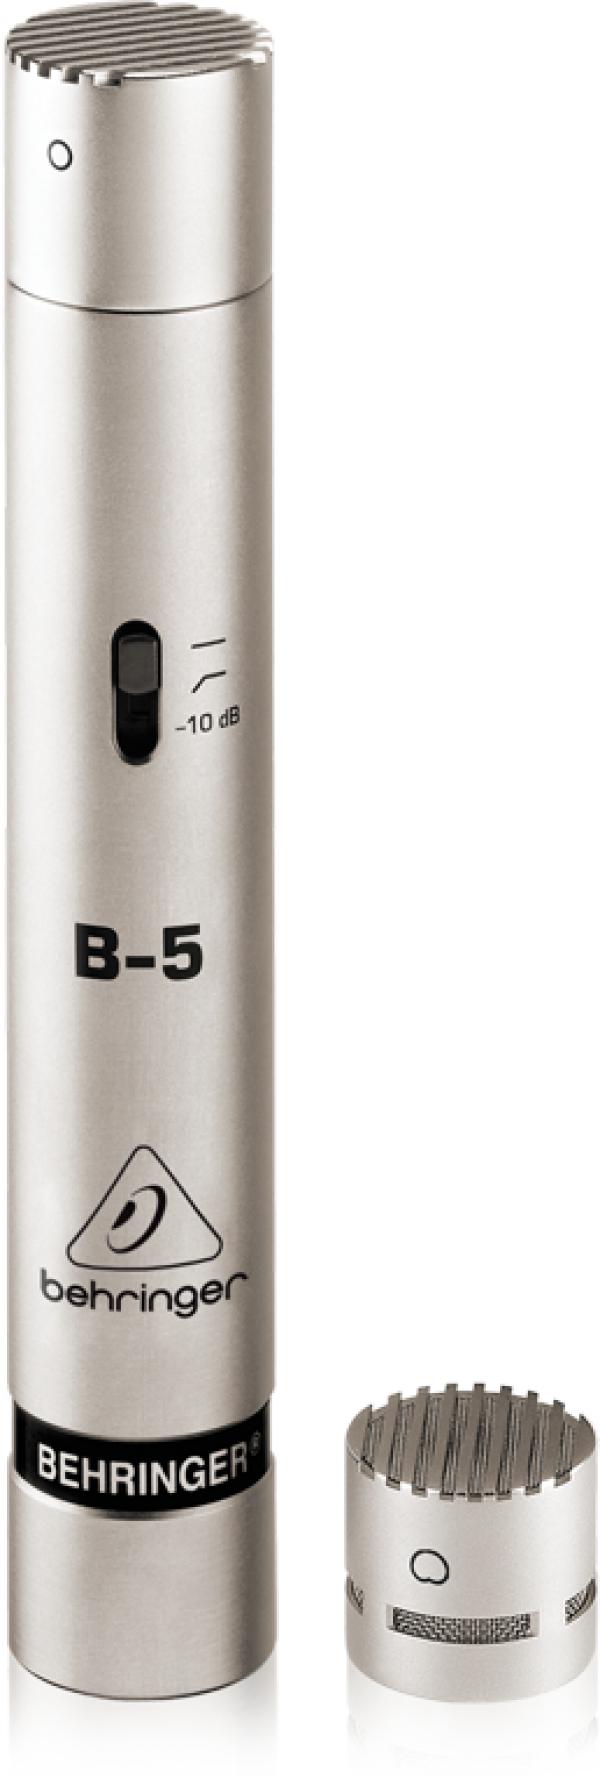 BEHRINGER(ベリンガー) B-5